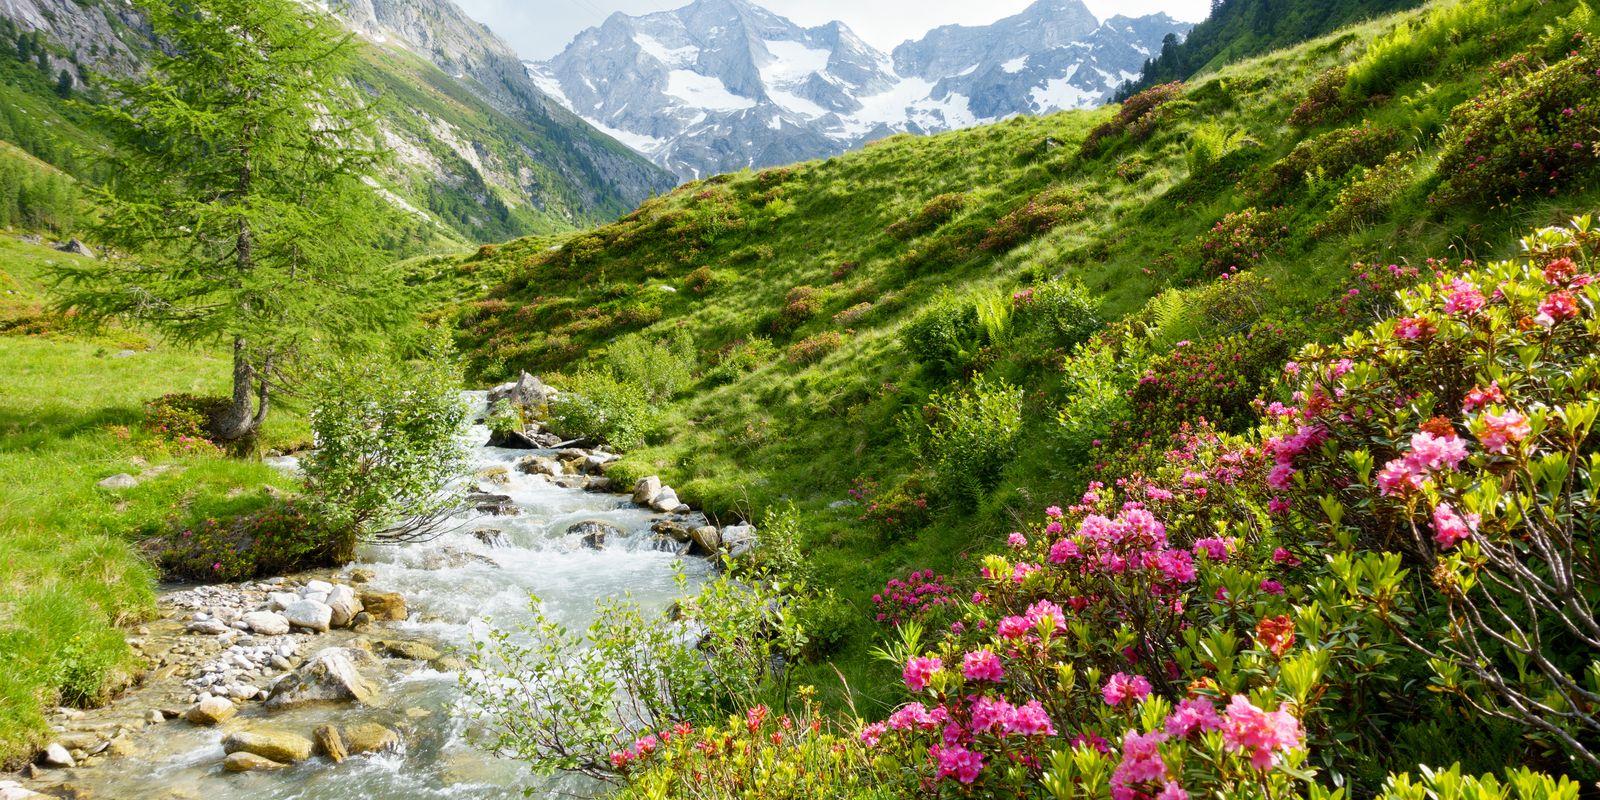 Sommerlandschaft im Zillertal | © Paul Wechselberger / Archiv TVB Mayrhofen